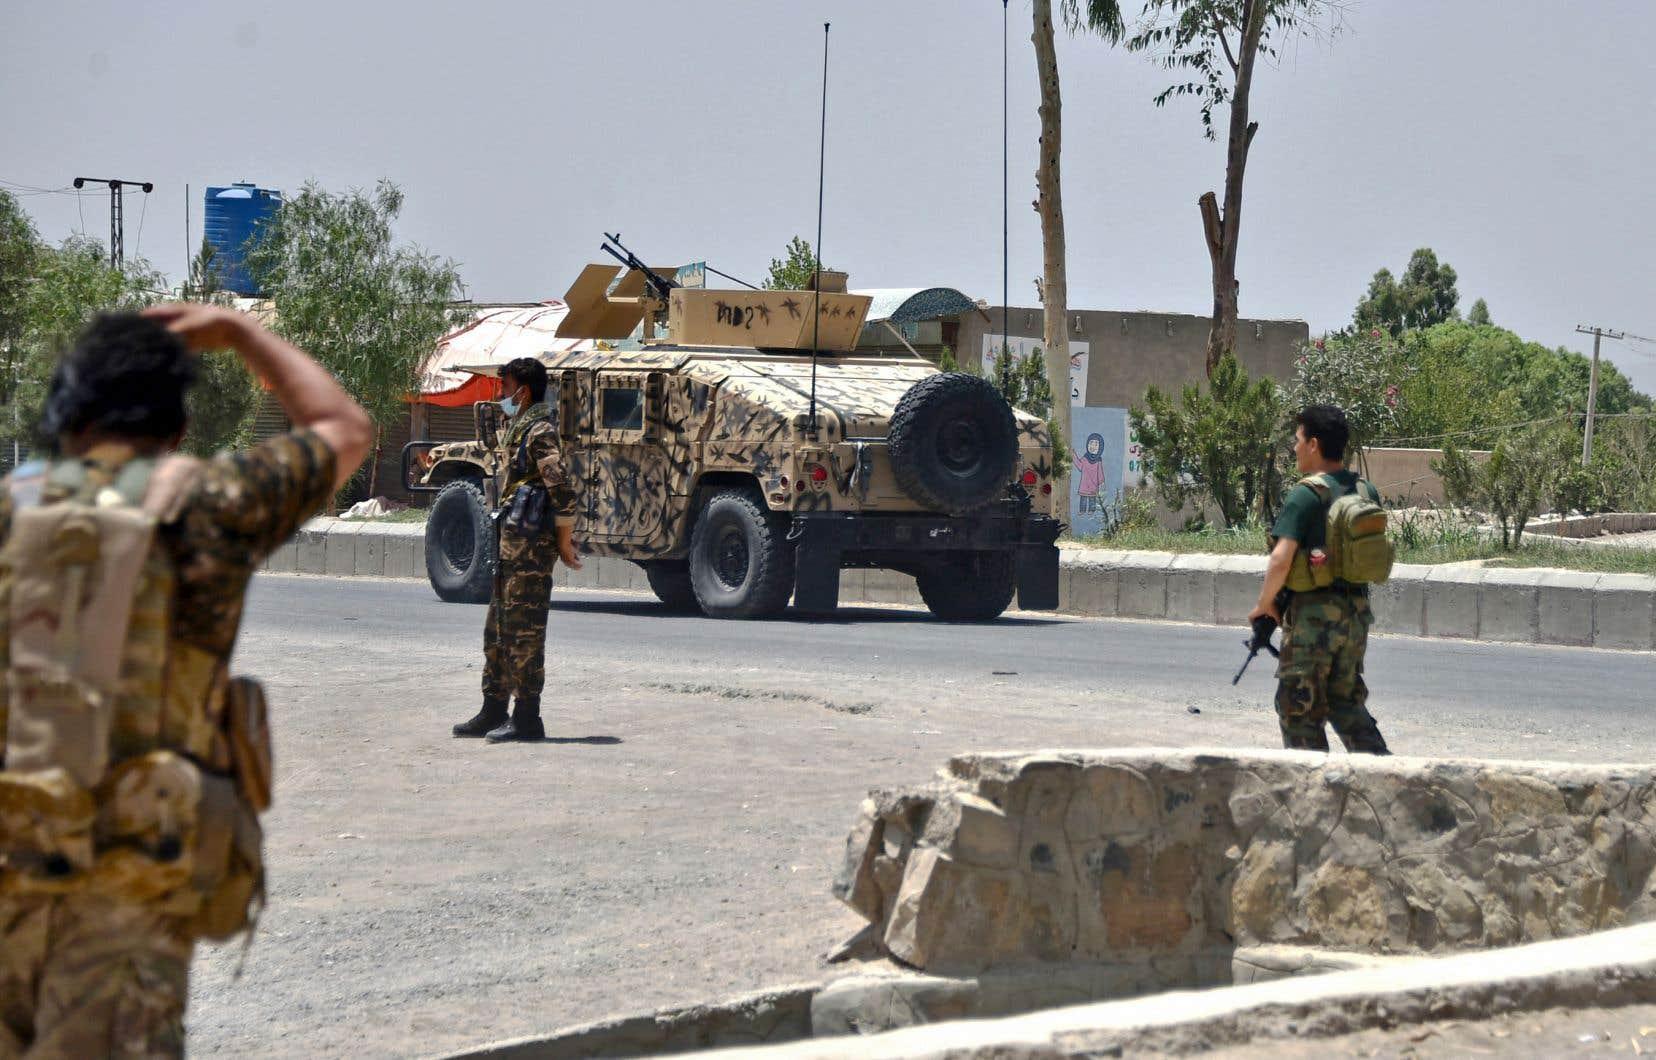 Les forces afghanes, désormais privées du crucial soutien aérien américain, ont perdu beaucoup de terrain.